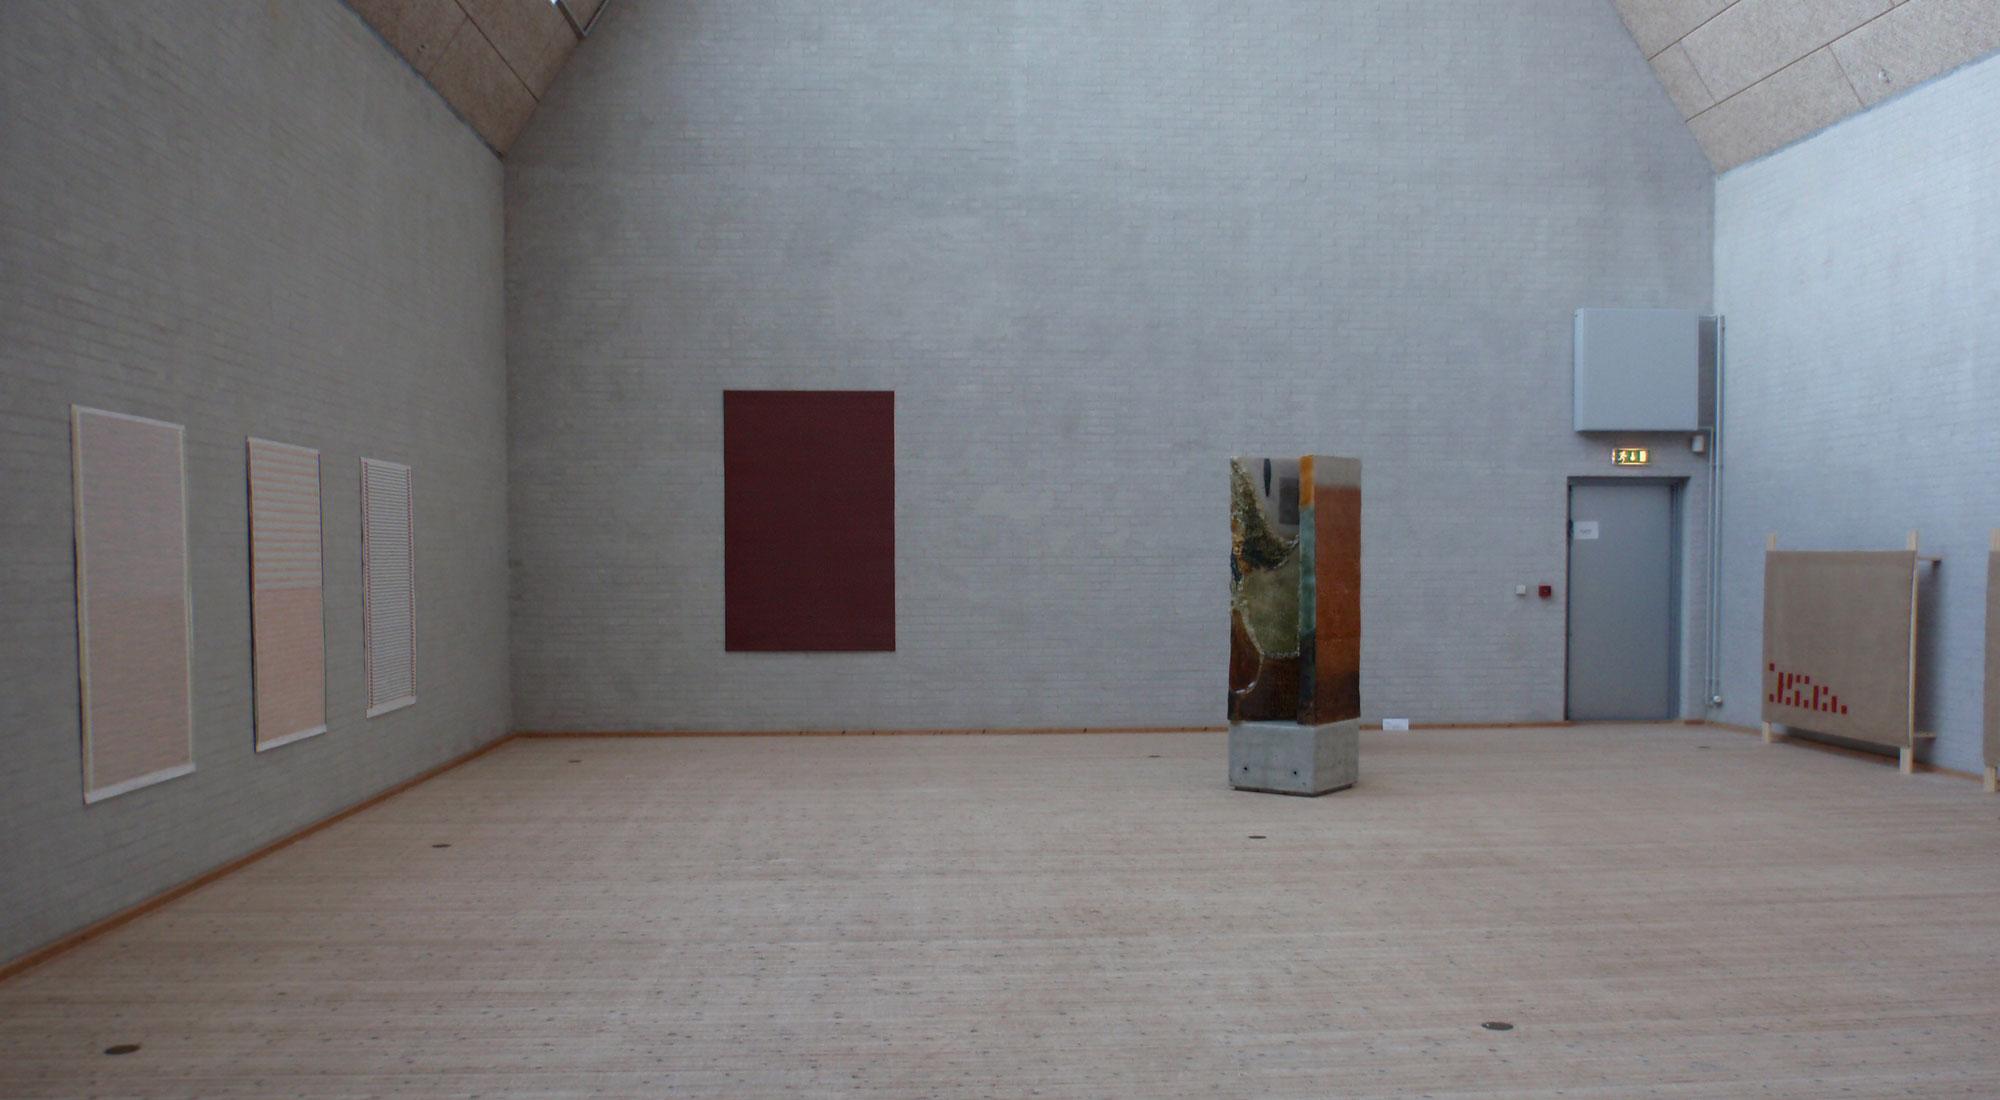 """Billeder og skulptur fra udstillingen """"Et interiør"""" med Toni Larsen og Anette Ørom på Himmerlands Kunstmuseum"""